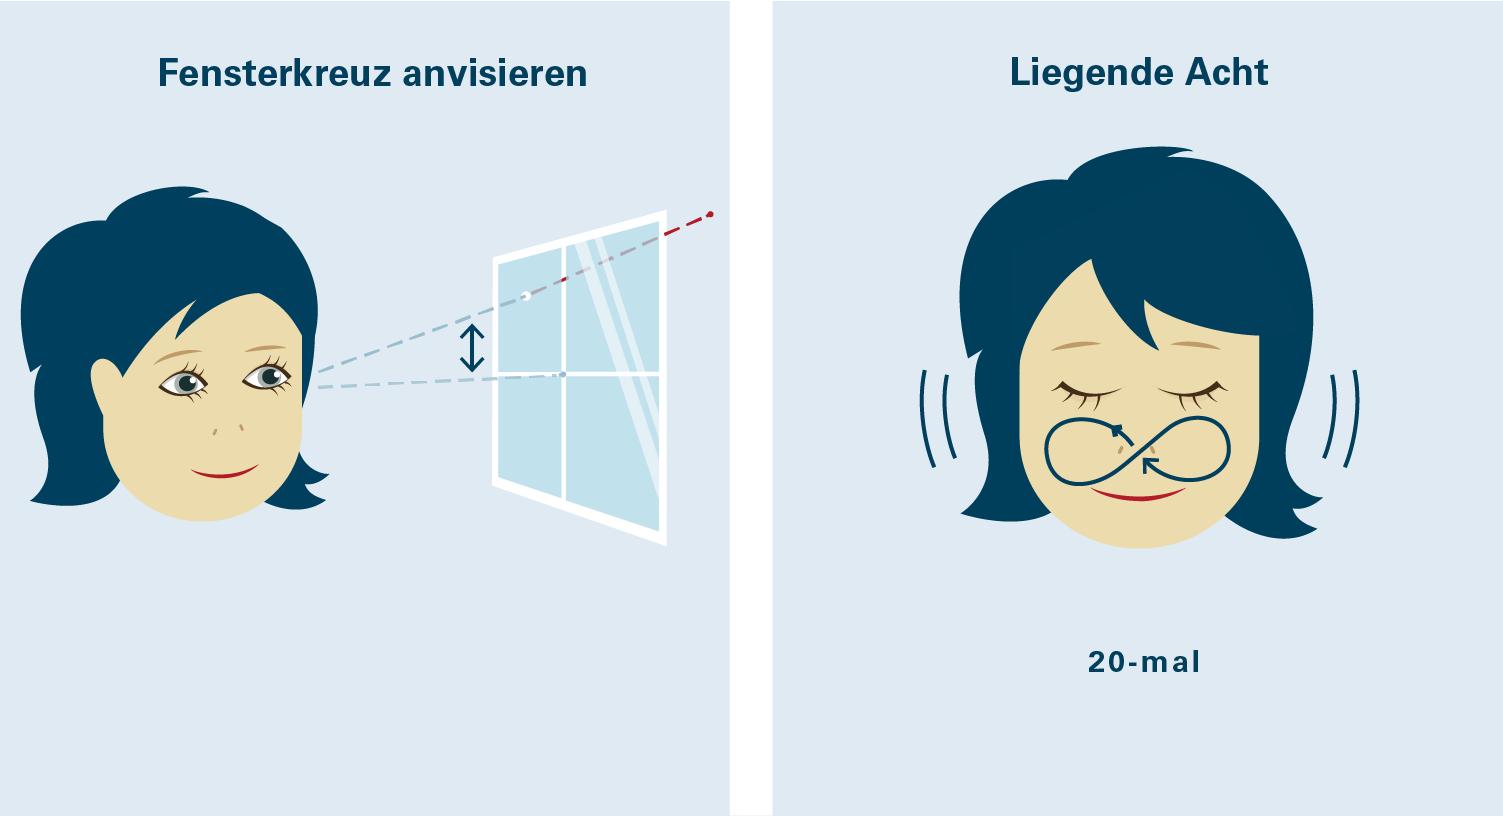 Augentraining schematisch dargestellt - Fensterkreuz und Liegende Acht.